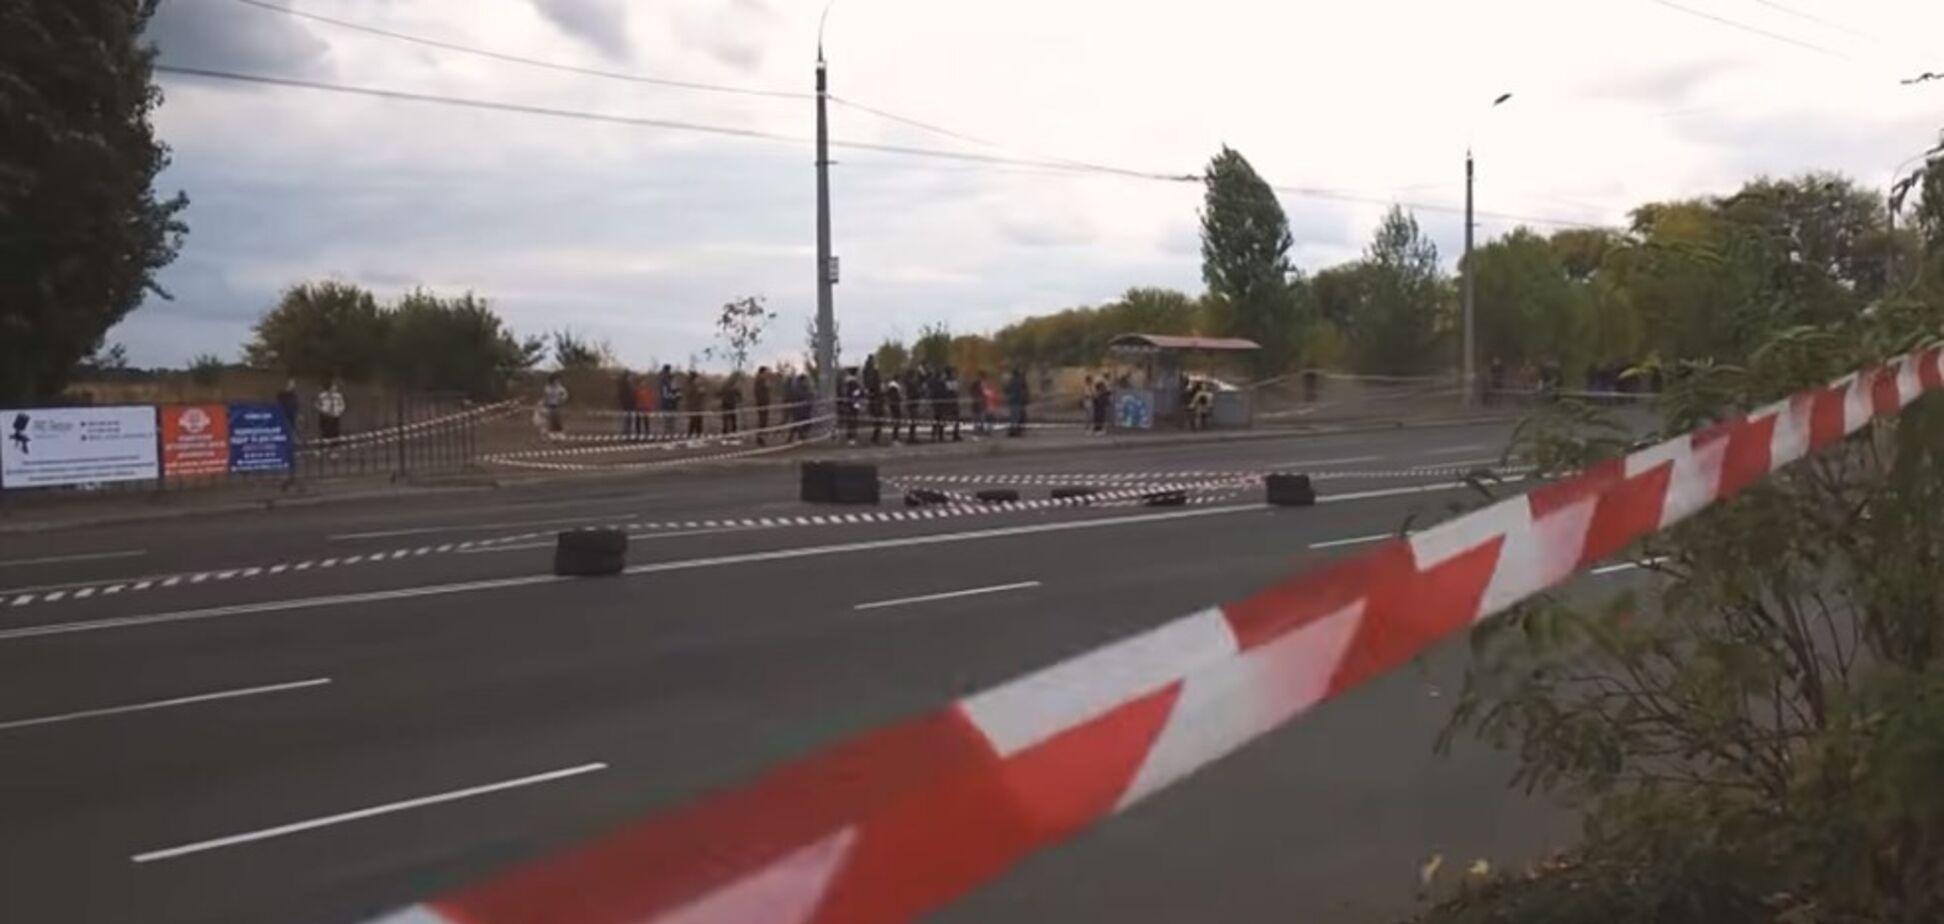 У Черкасах учасник автоперегонів збив глядача: момент потрапив на відео. 18+